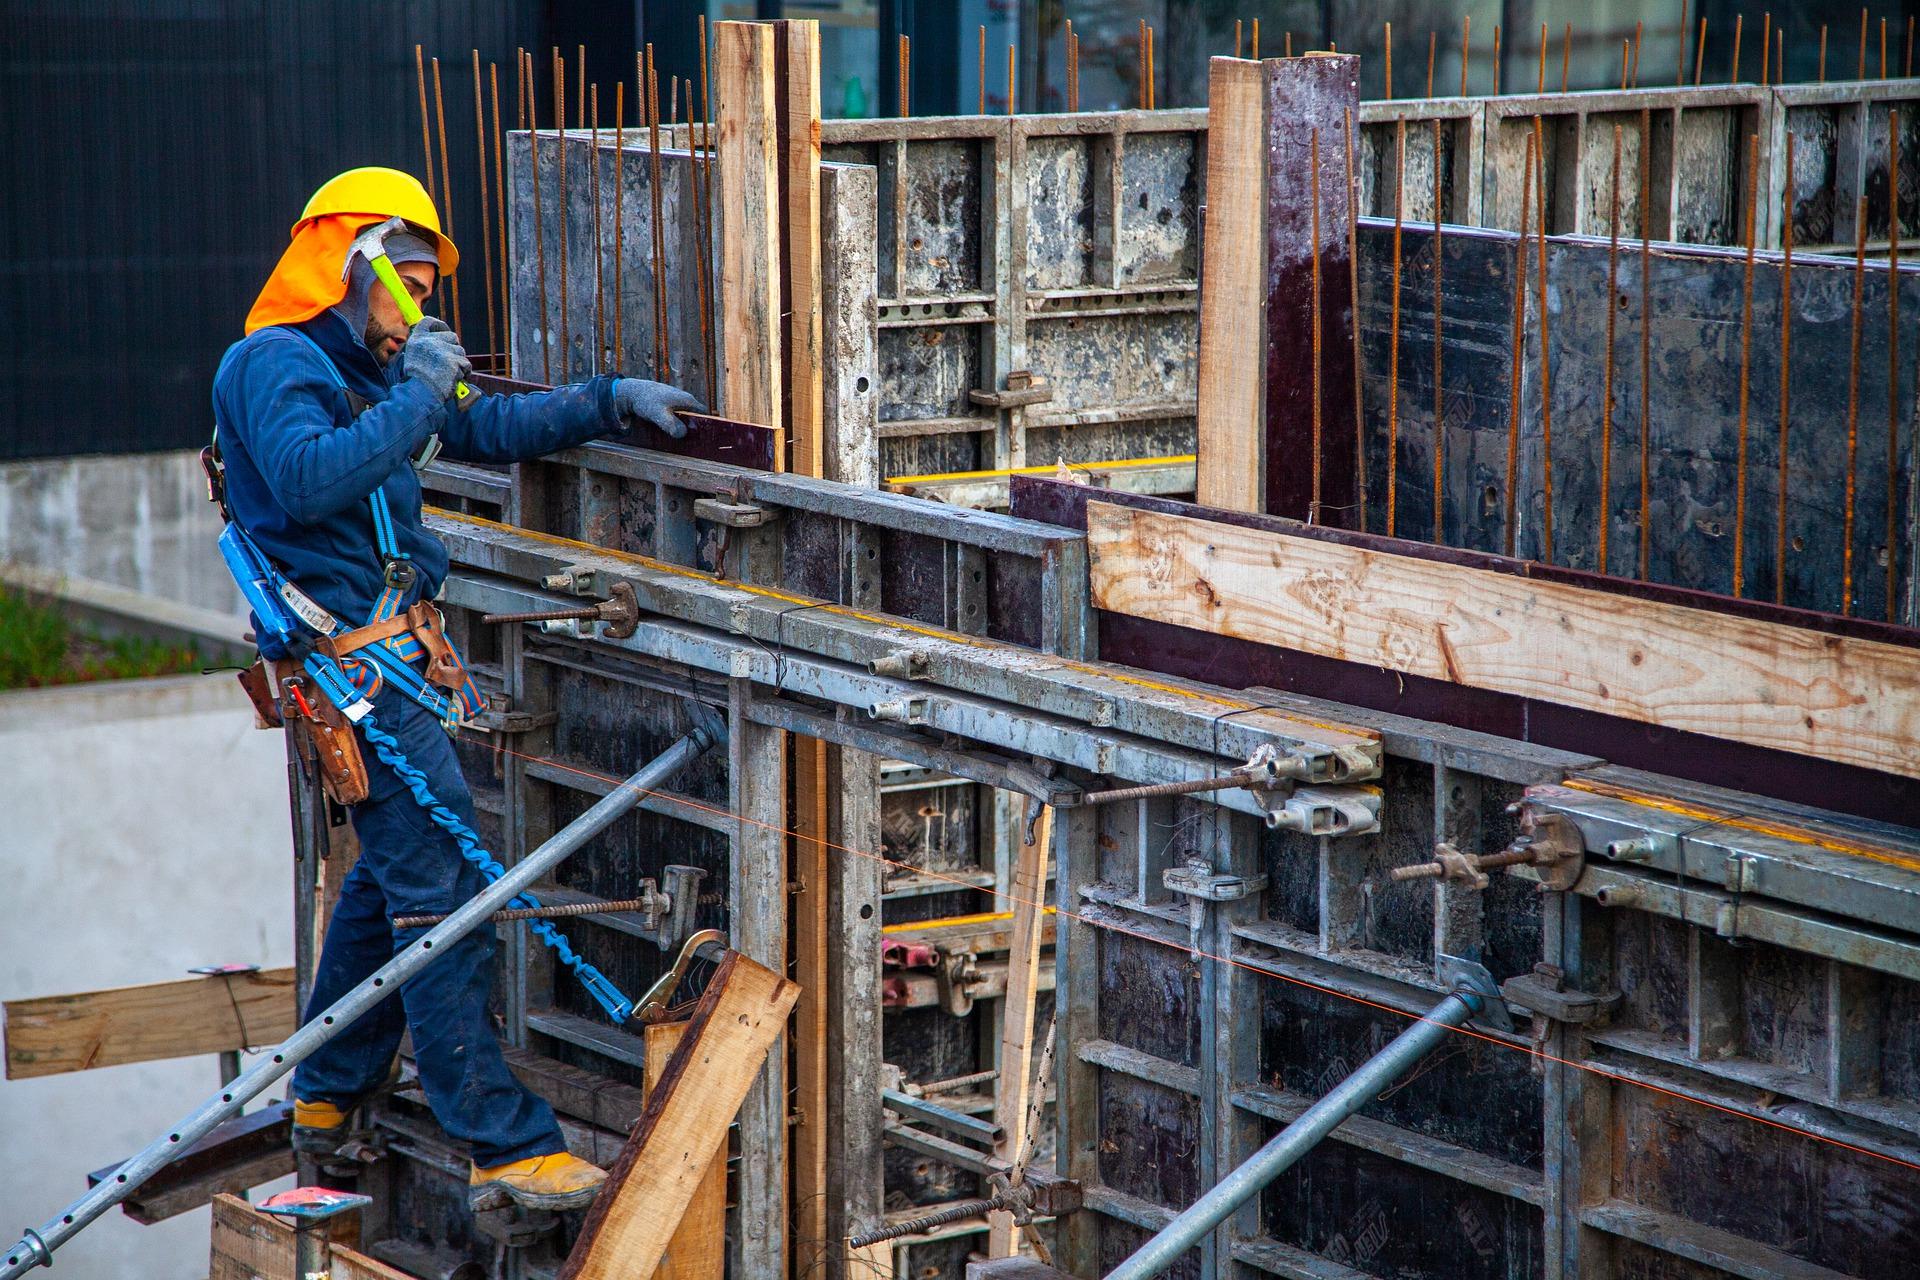 worker-6586718_1920